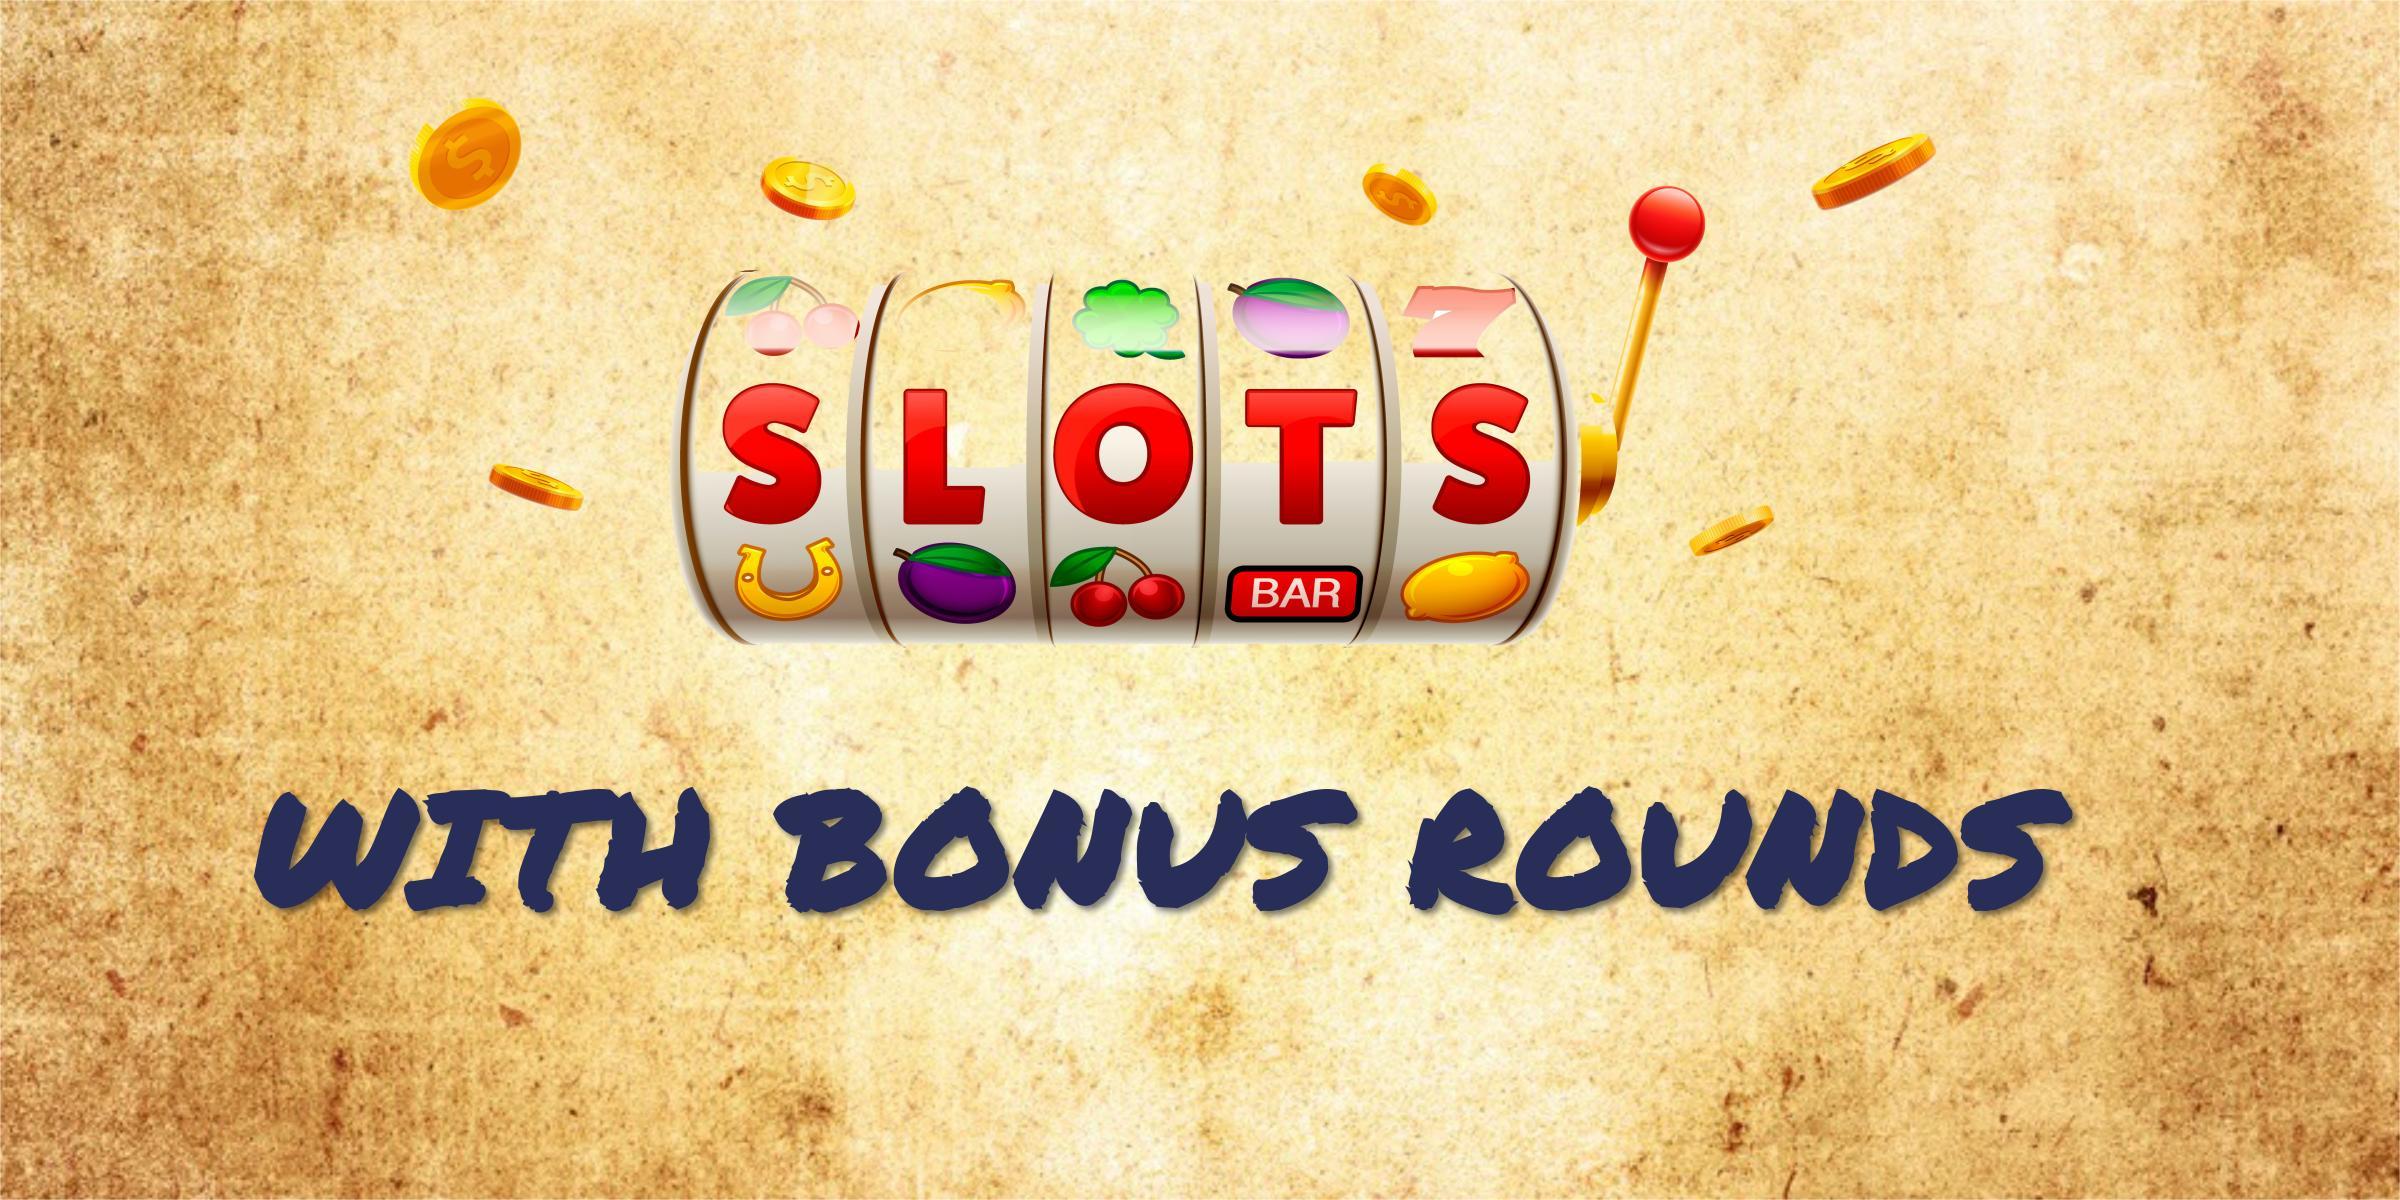 FREE SLOTS WITH BONUS ROUNDS